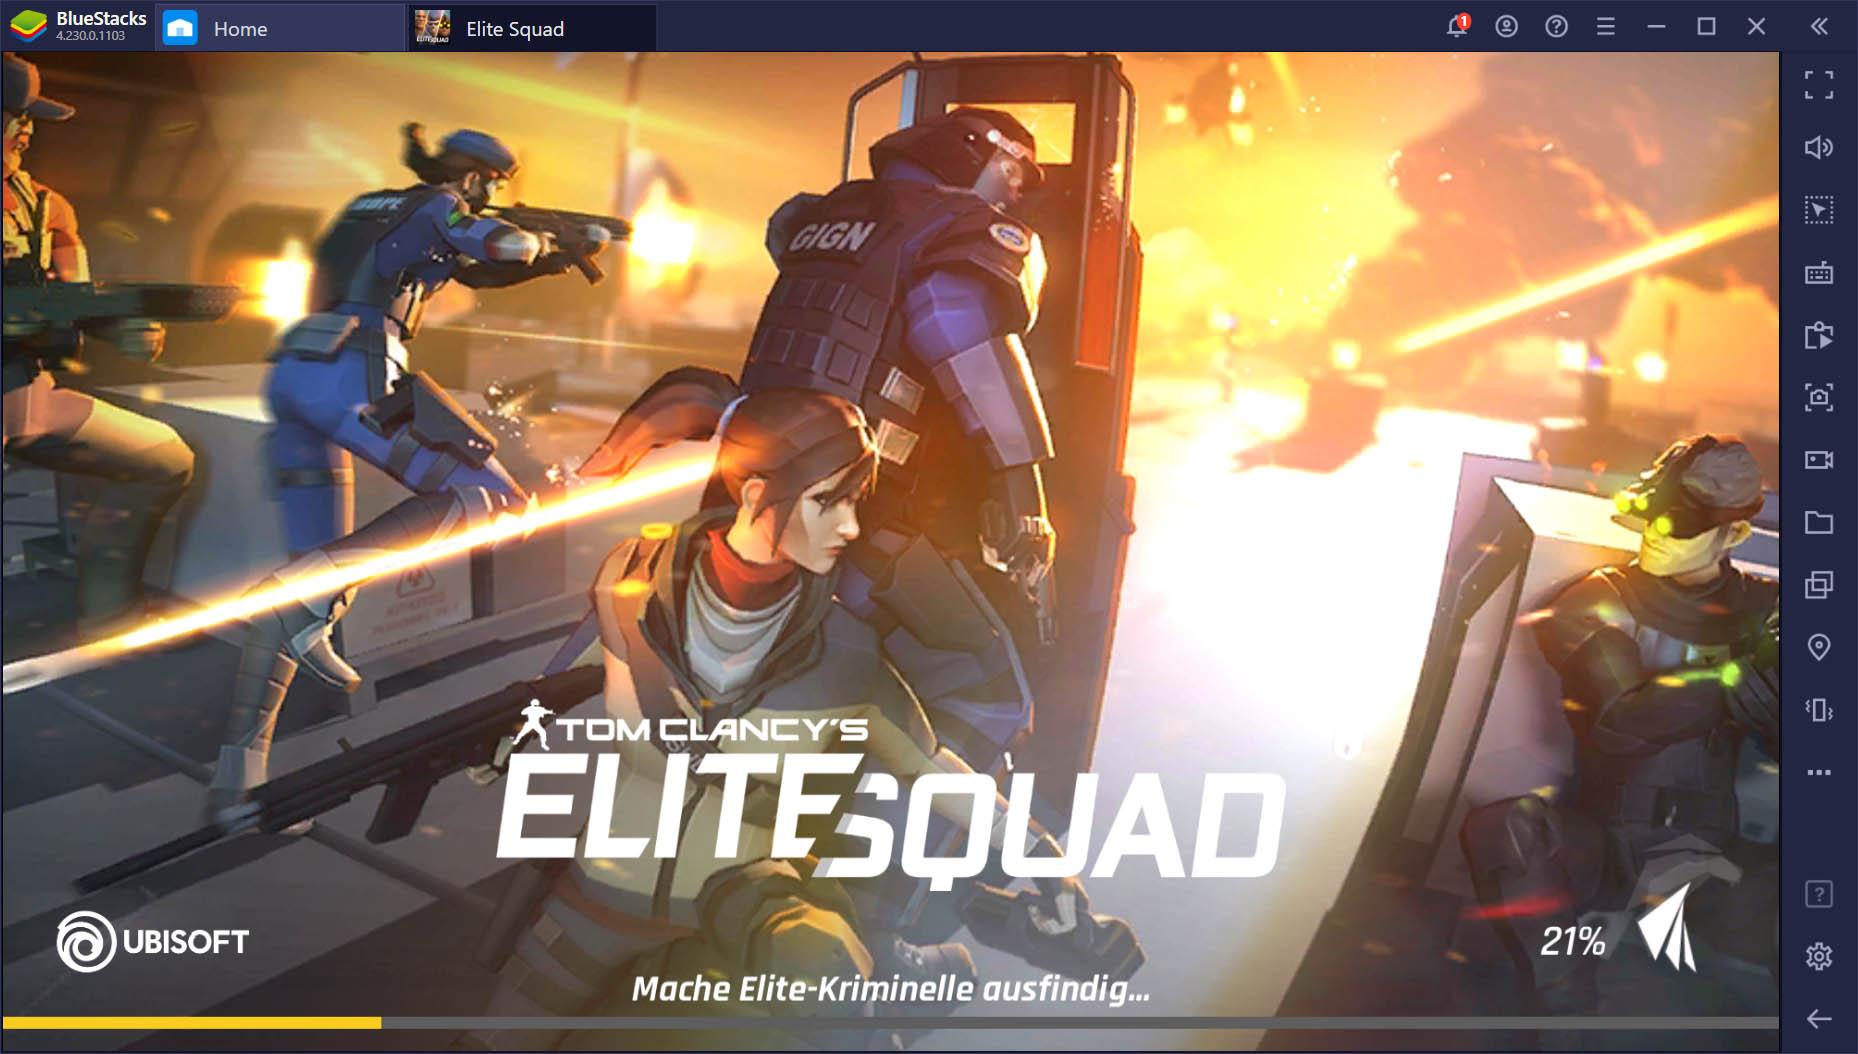 Tom Clancy's Elite Squad – So installierst und spielst du den neuesten Strategie-Shooter von Ubisoft auf deinem PC